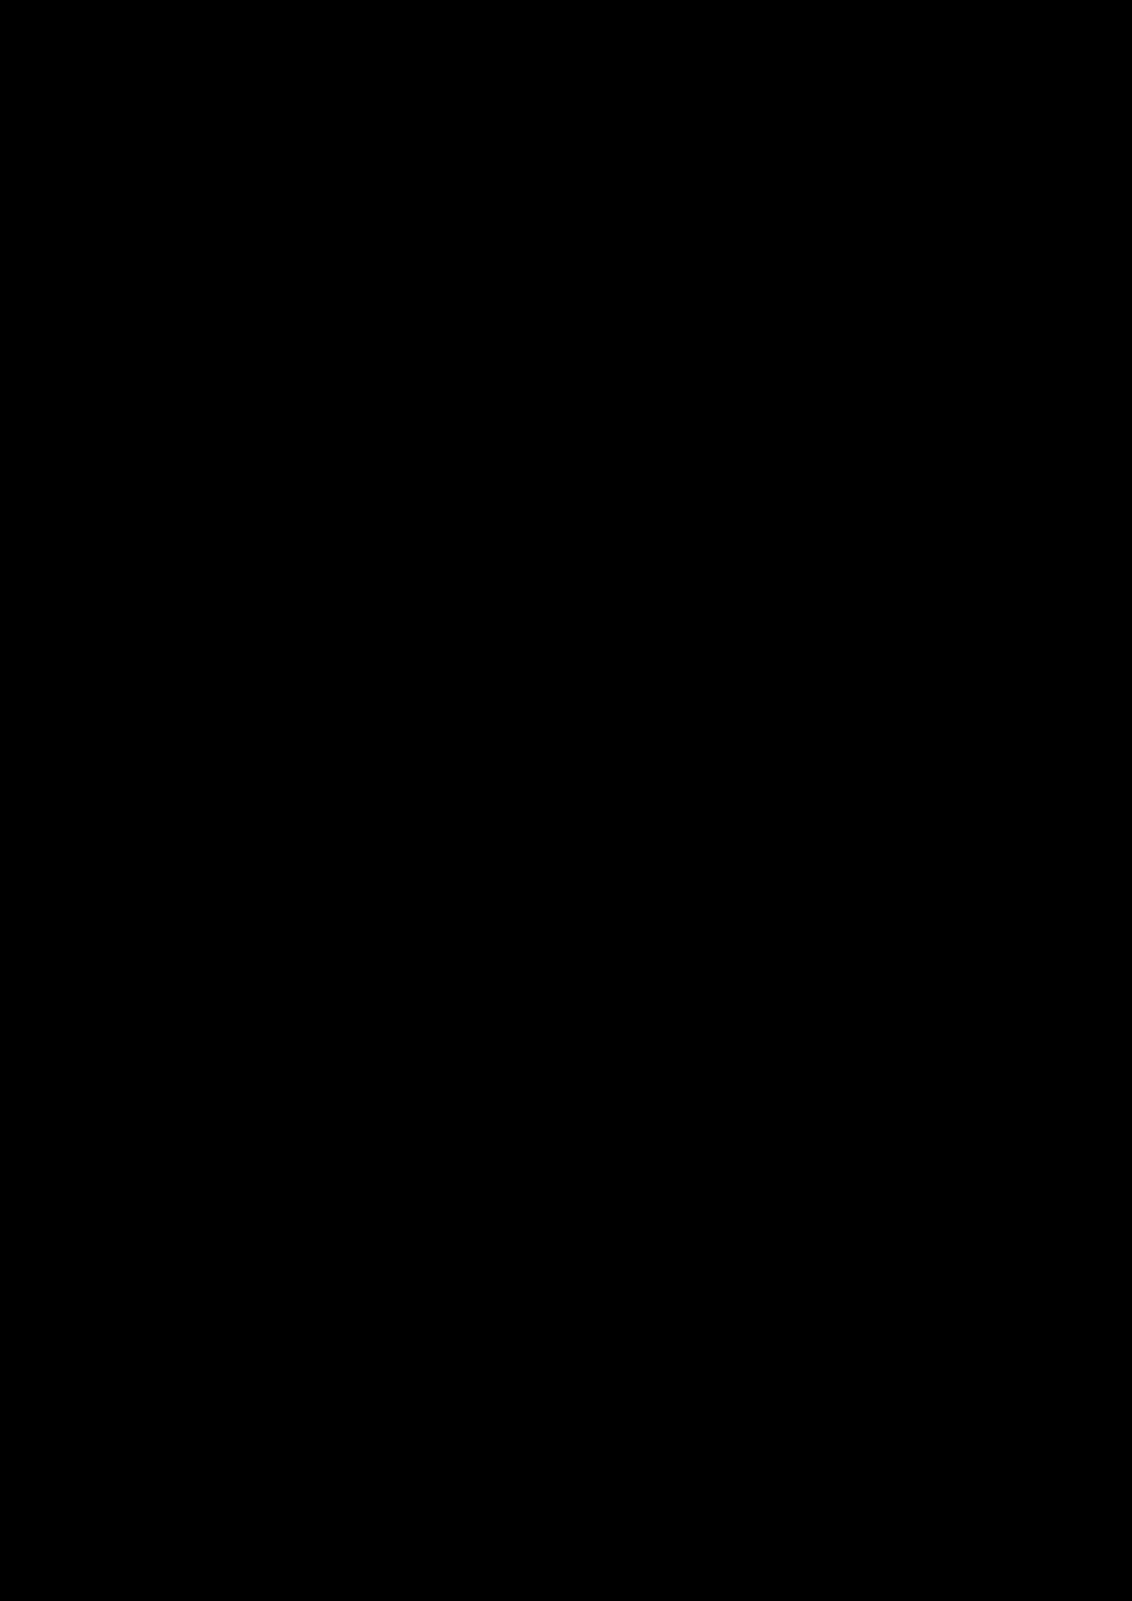 Proschanie s volshebnoy stranoy slide, Image 65